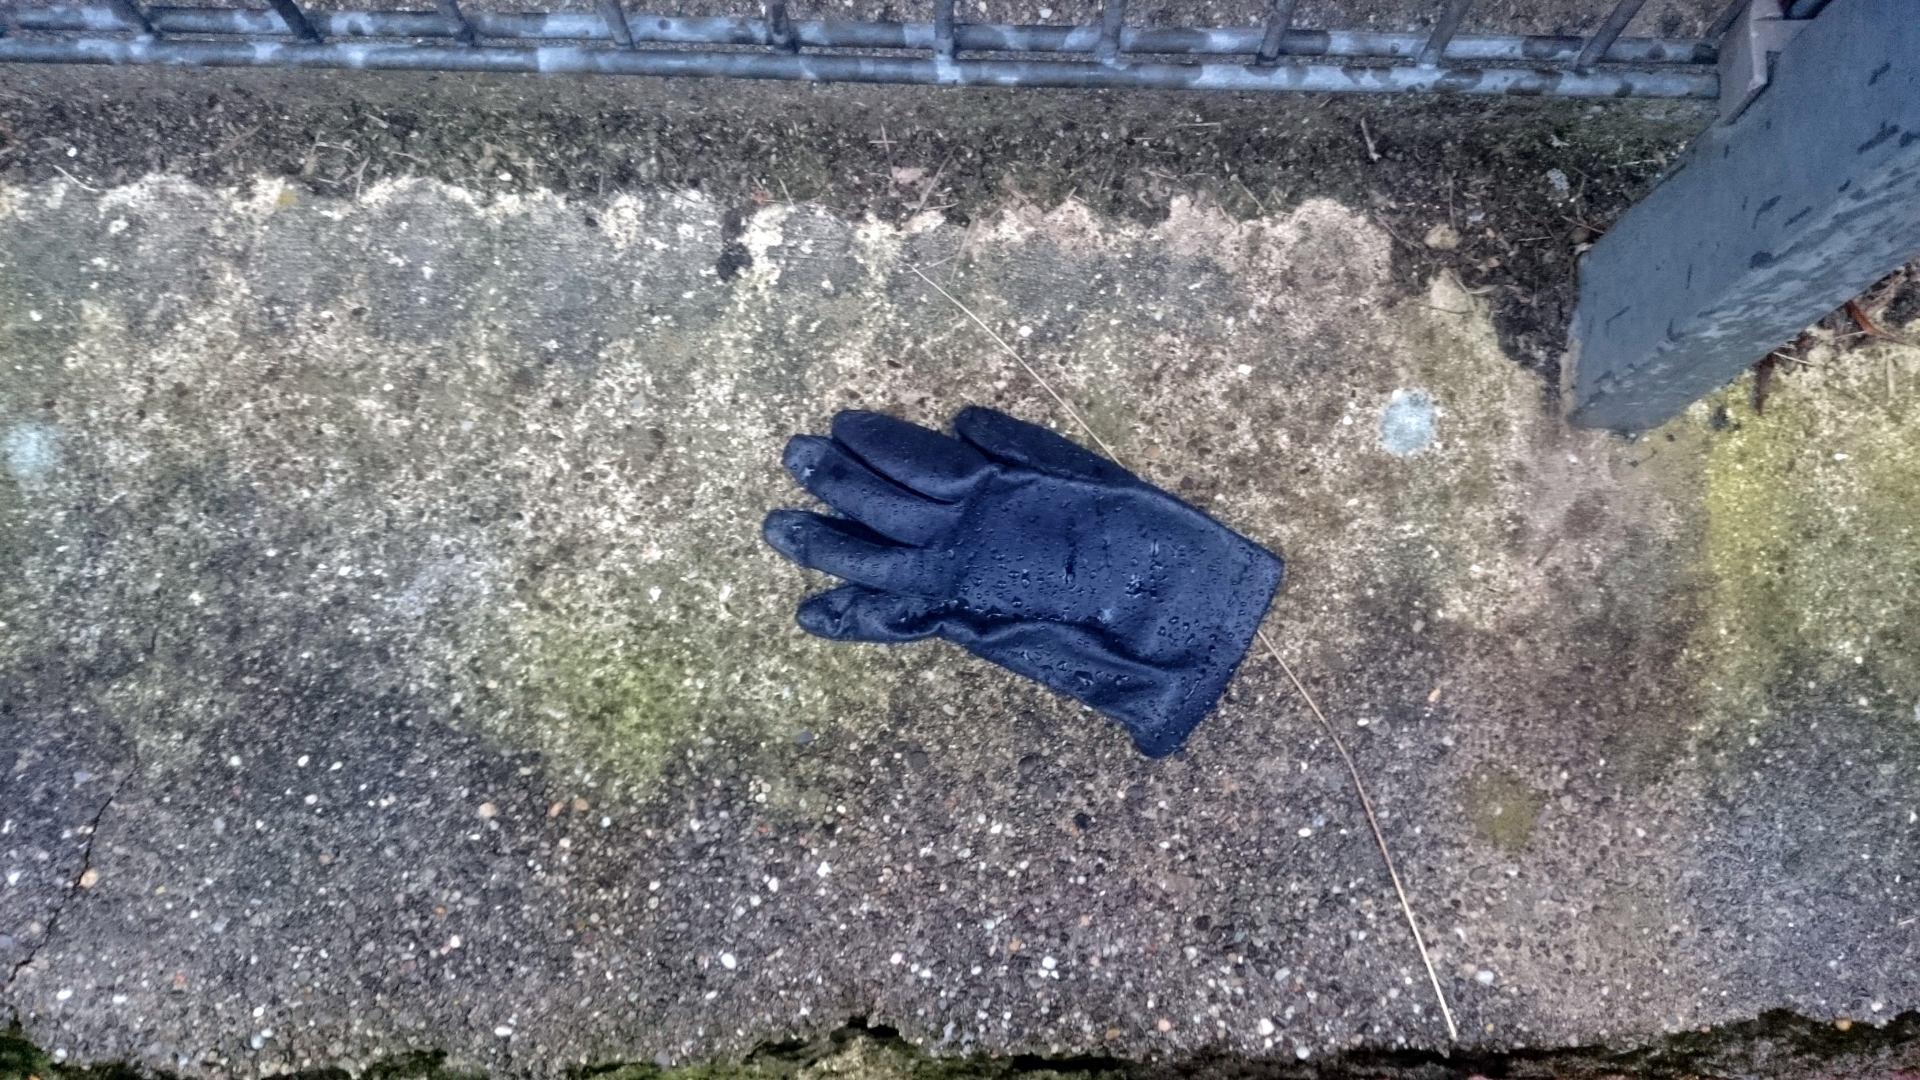 der verlorene Handschuh ist ein Symbol für die kalte Hand des Autors